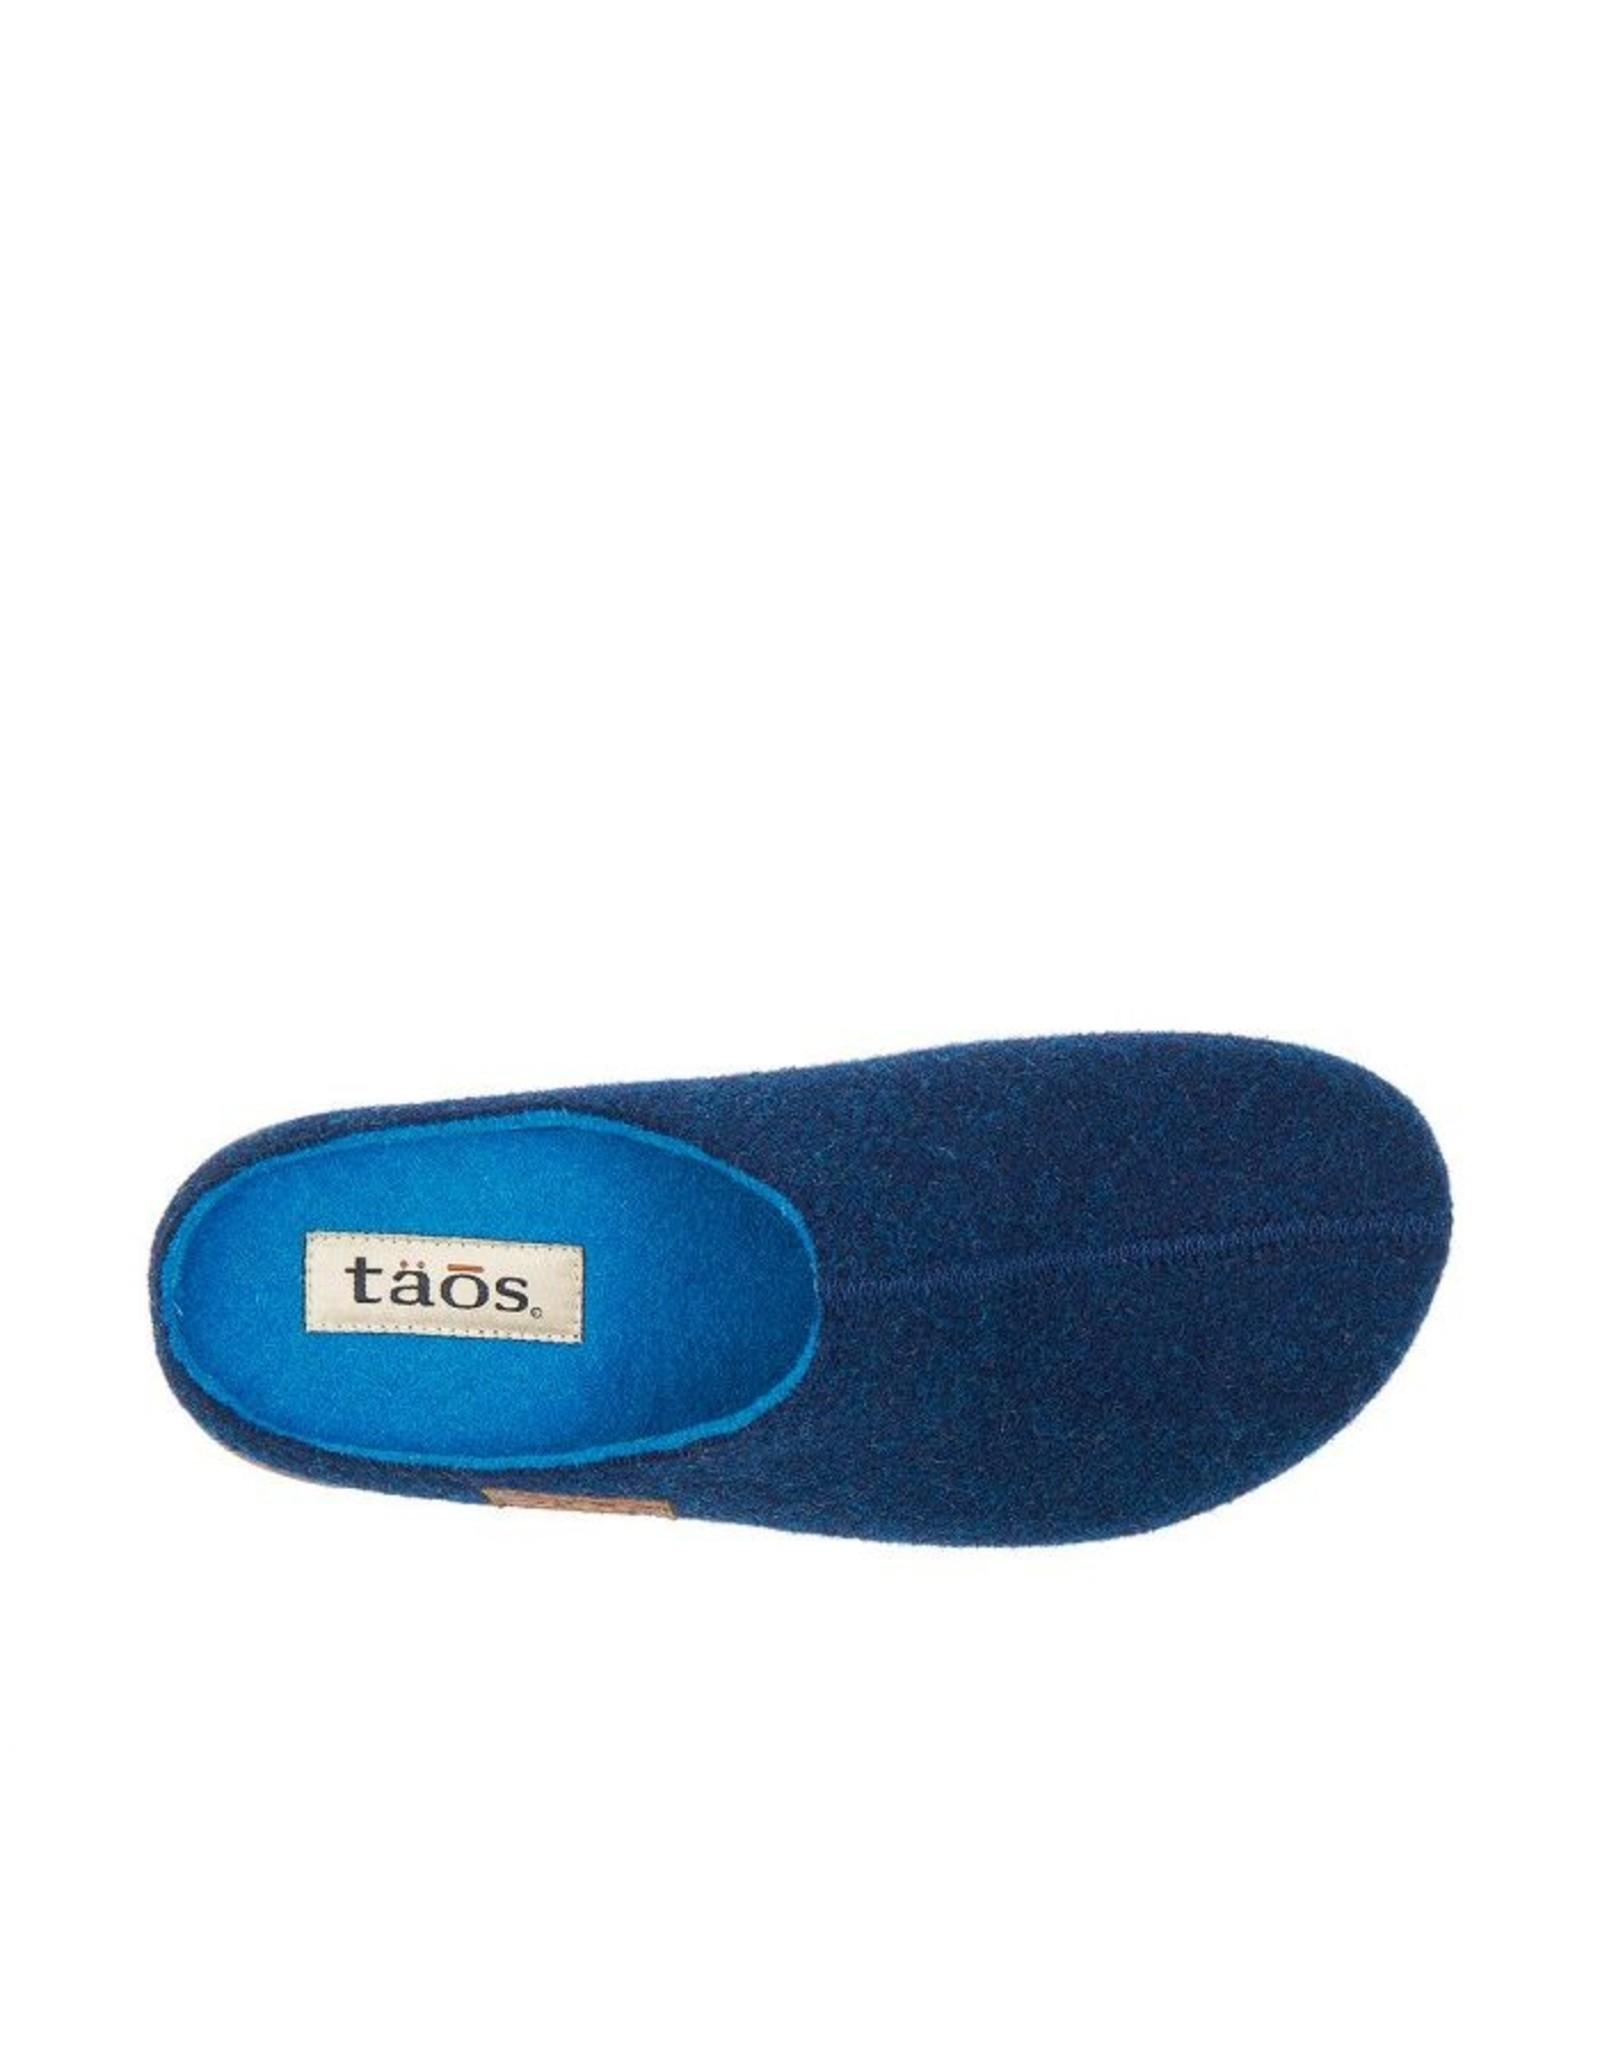 TAOS WOMEN'S WOOLLERY-BLUE